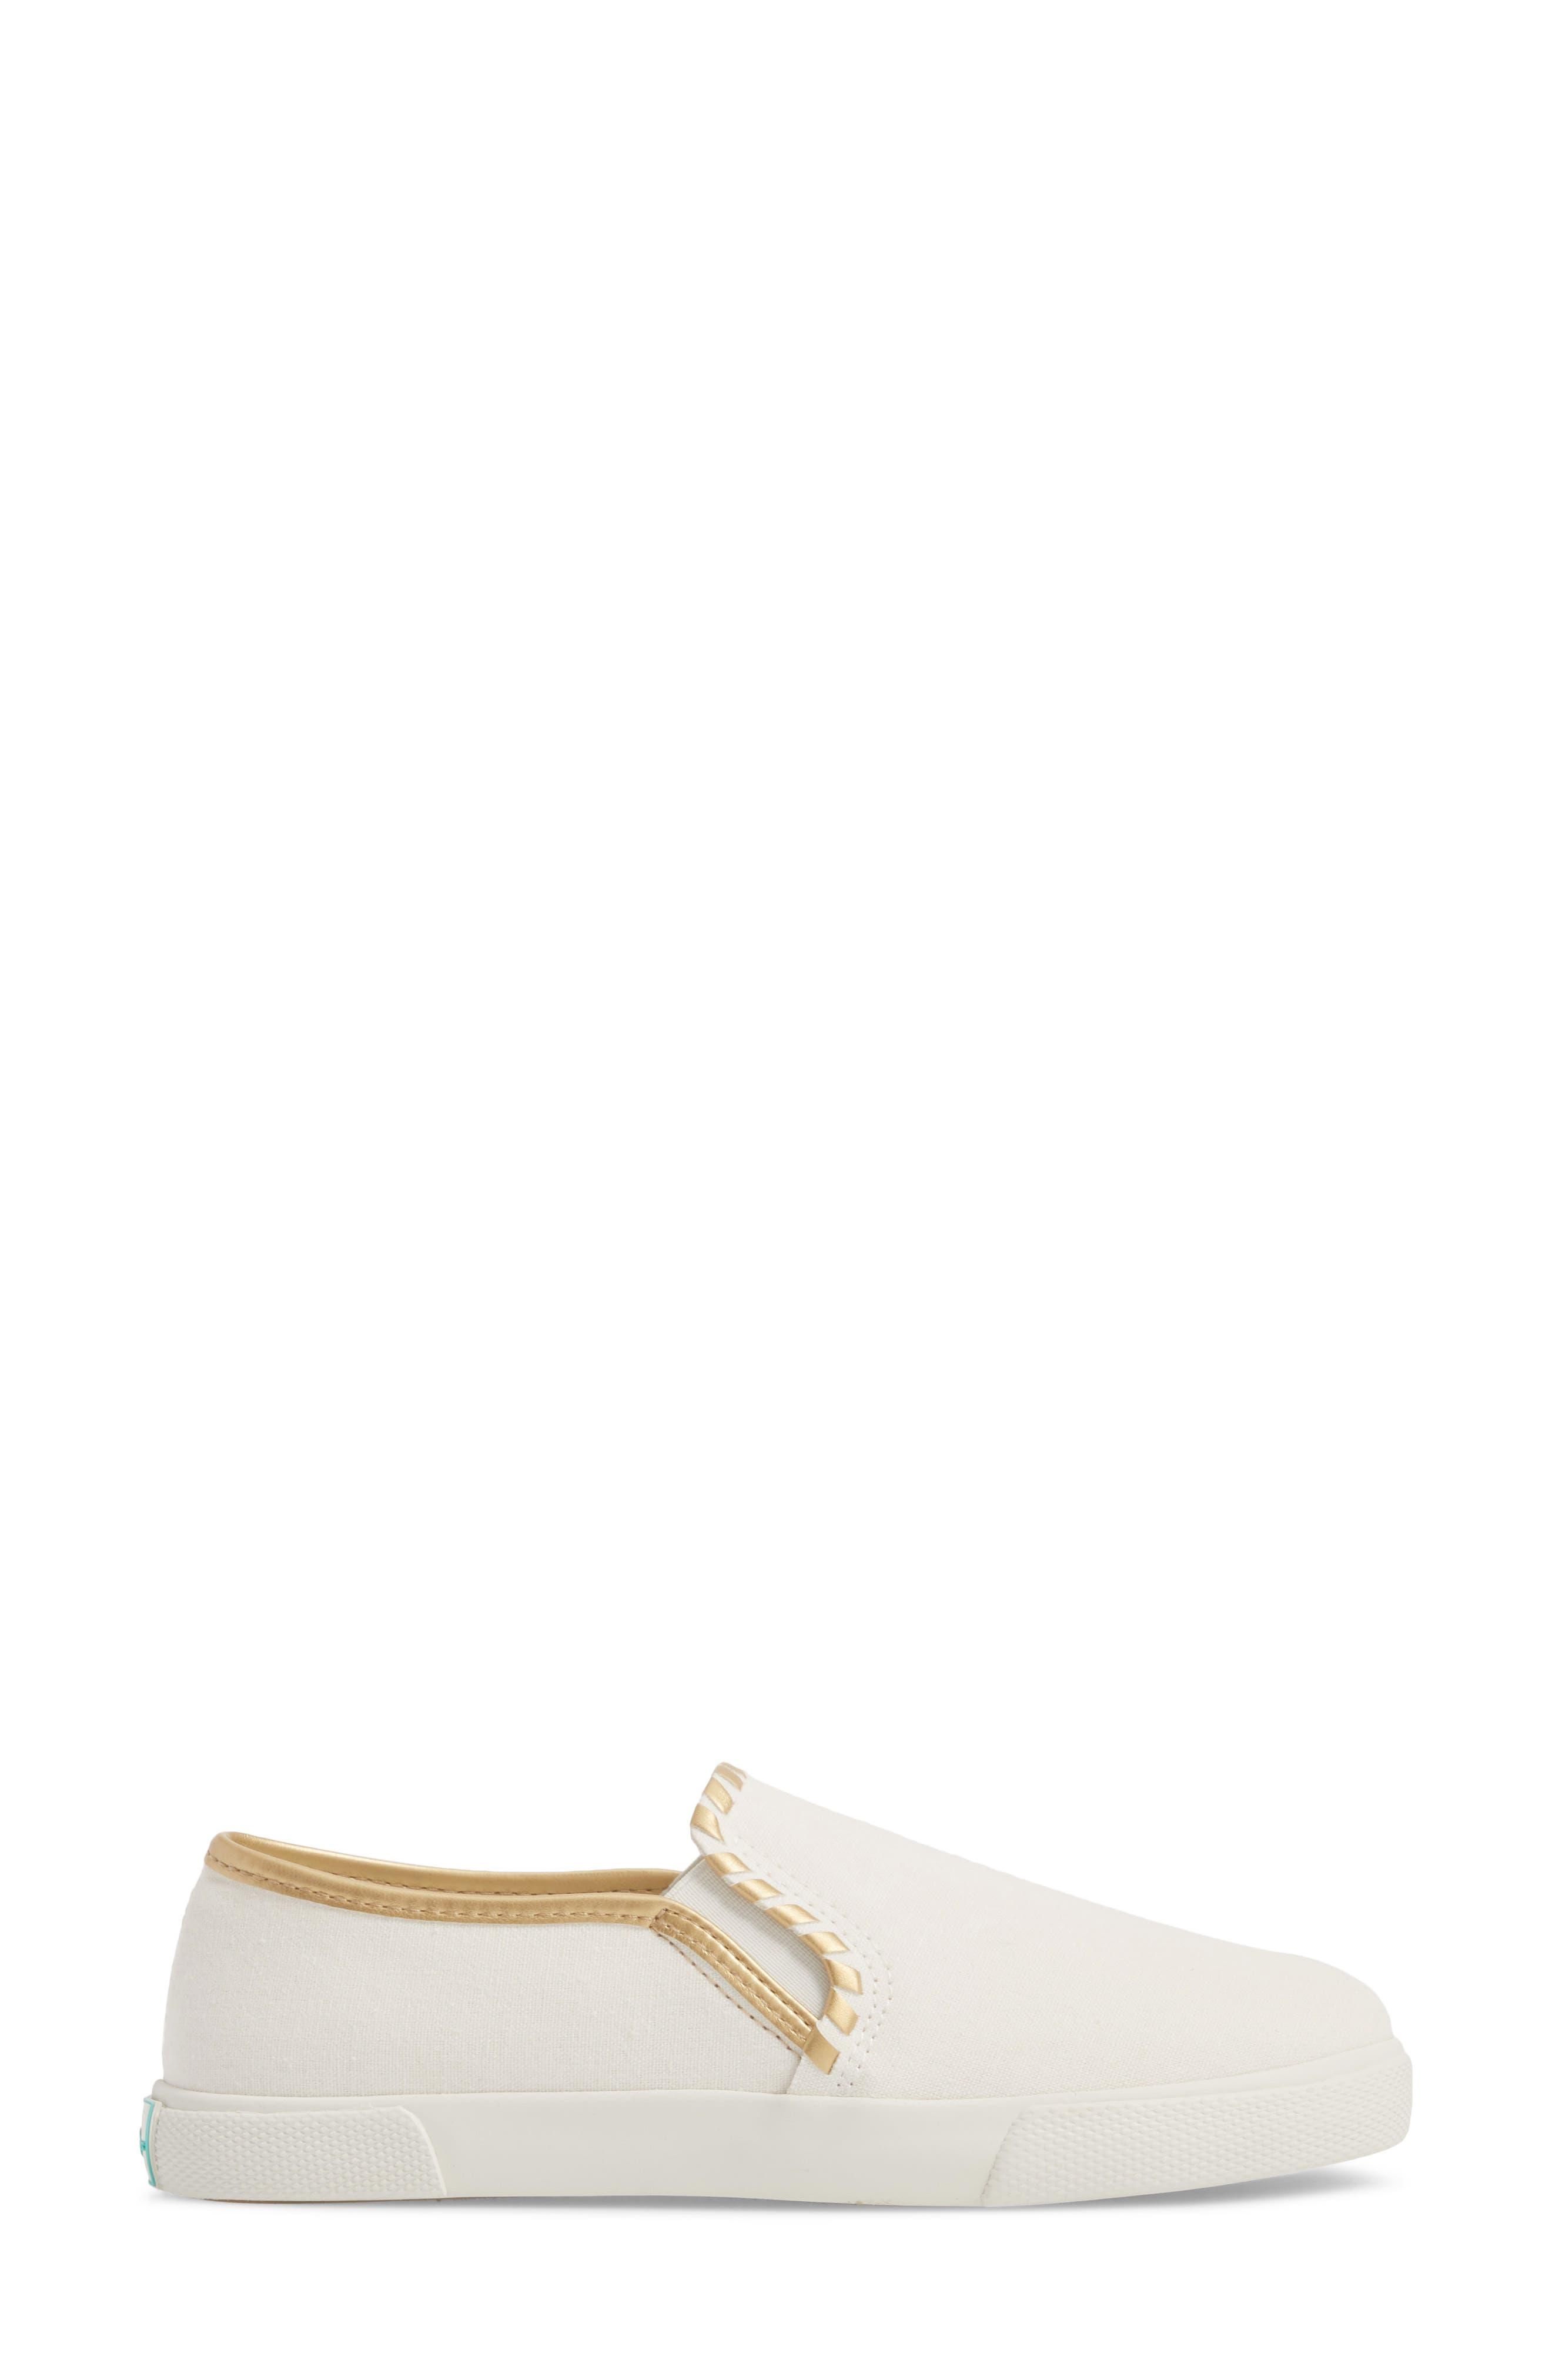 McKay Slip-On Sneaker,                             Alternate thumbnail 3, color,                             WHITE FABRIC